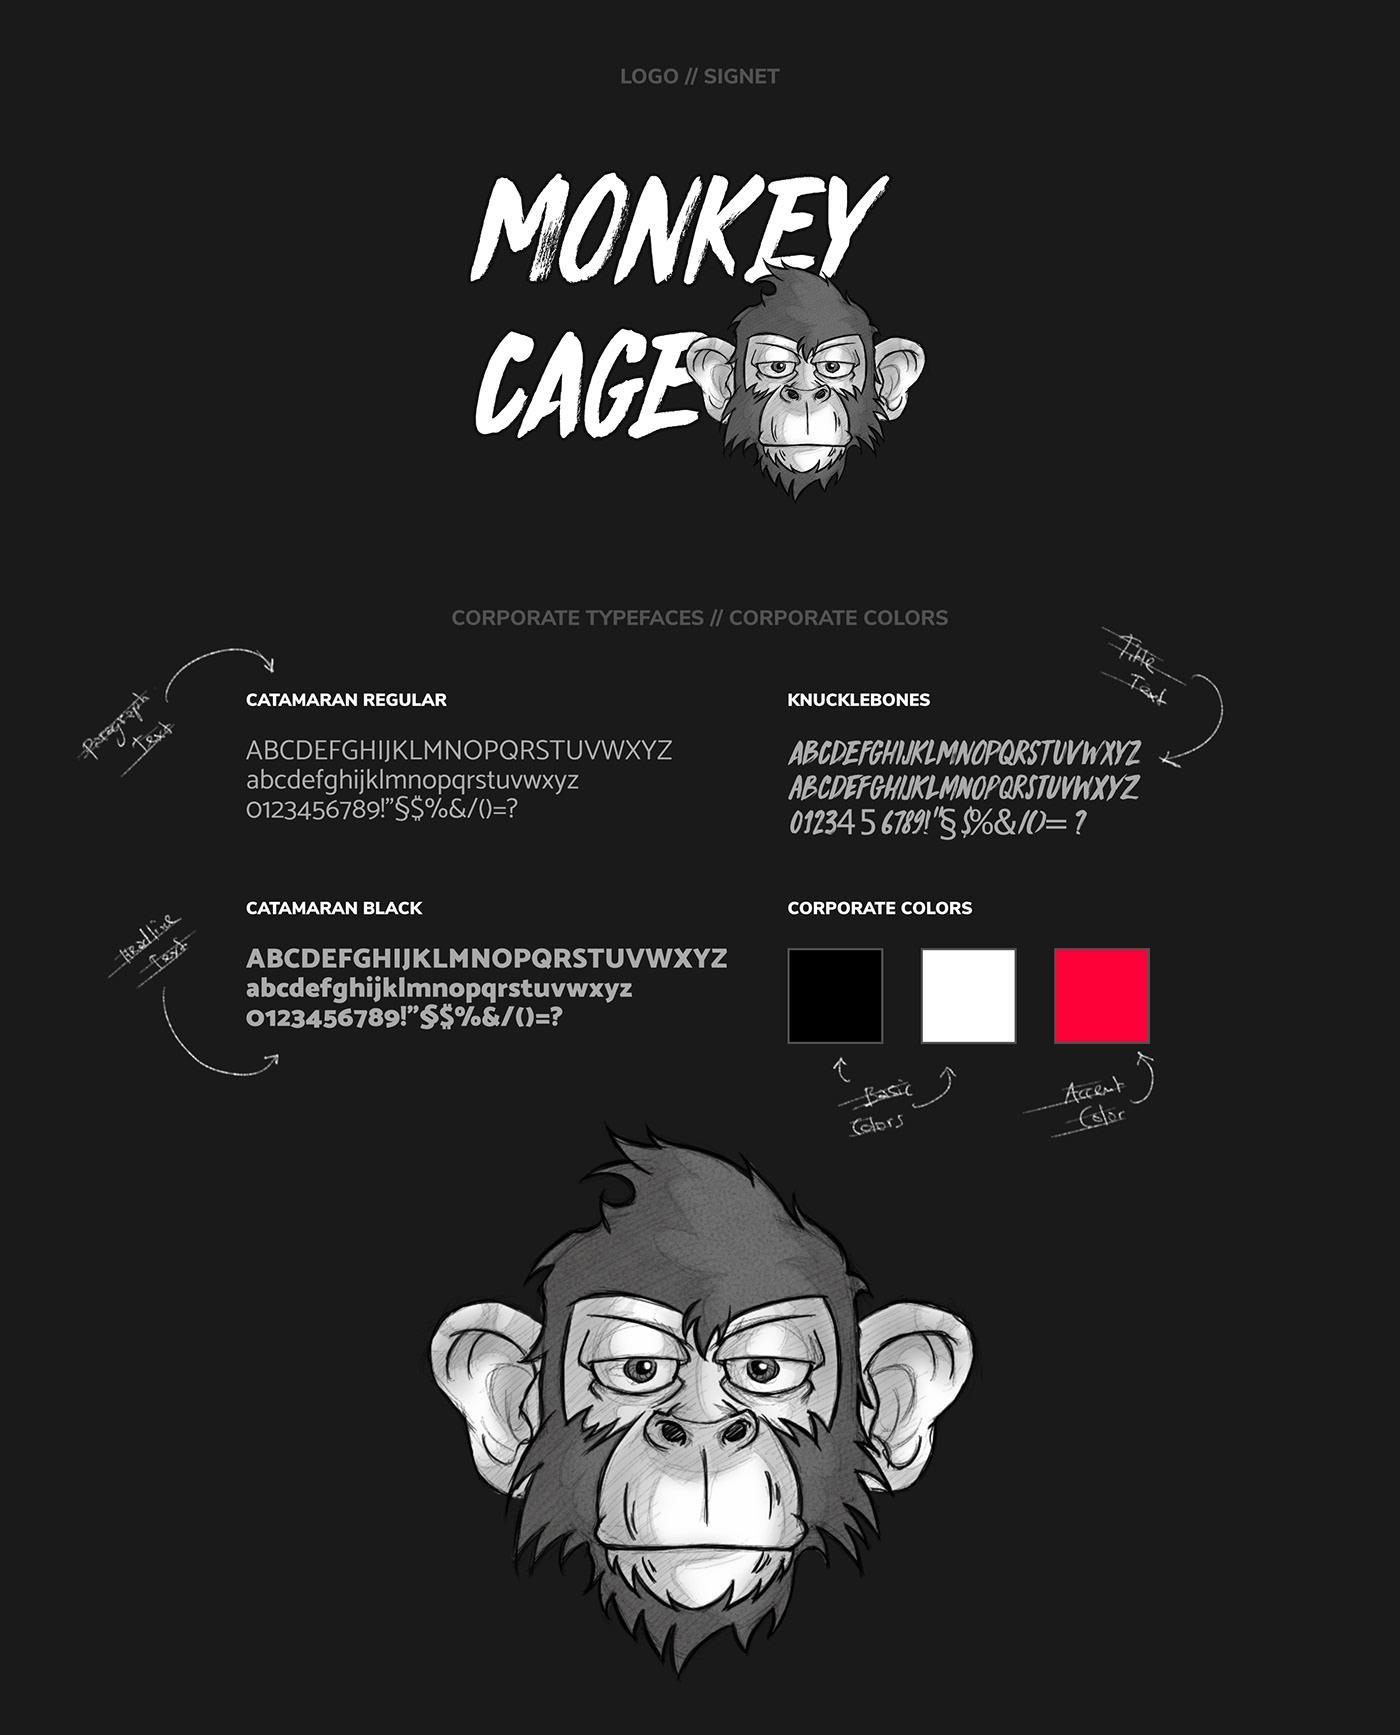 MONKEY CAGE // Logo